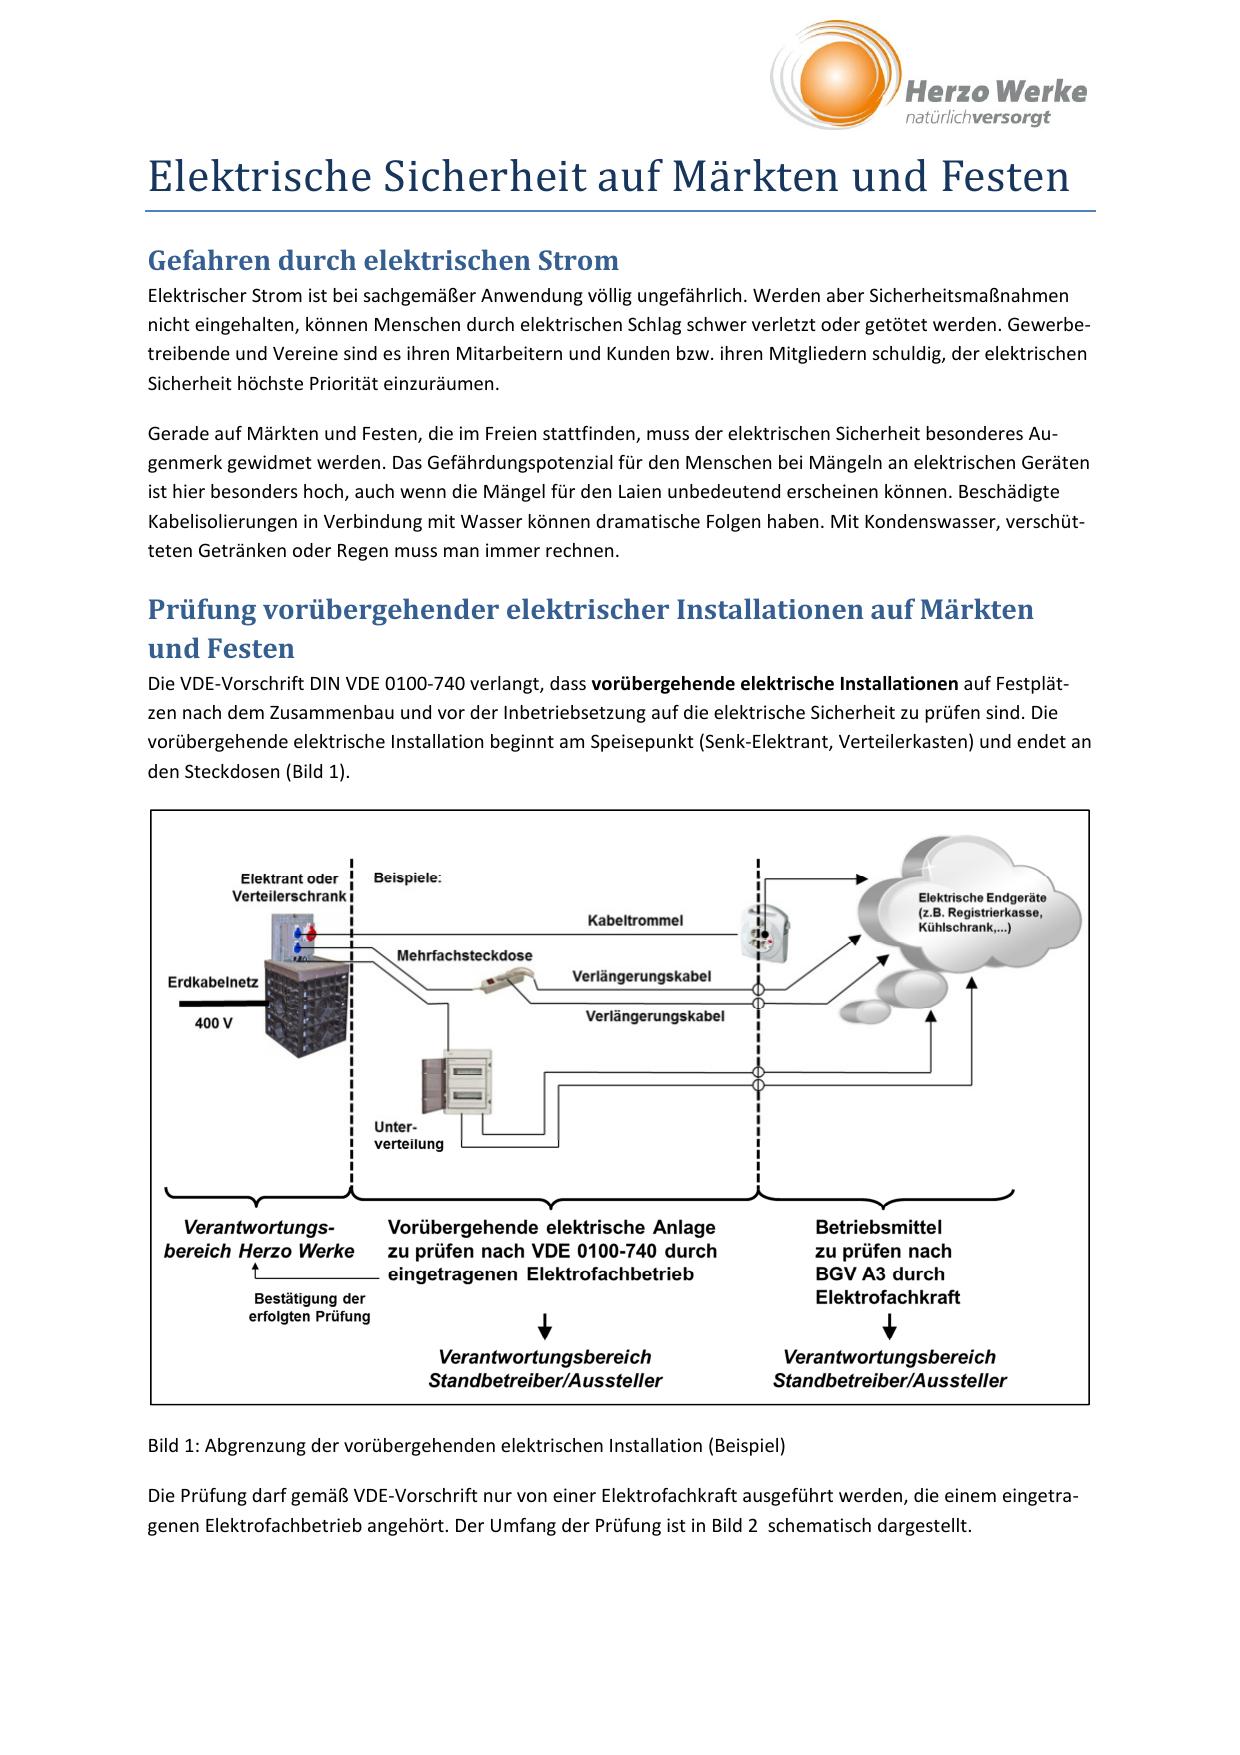 merkblatt elektrische sicherheit auf mrkten und - Prufprotokoll Bgv A3 Muster